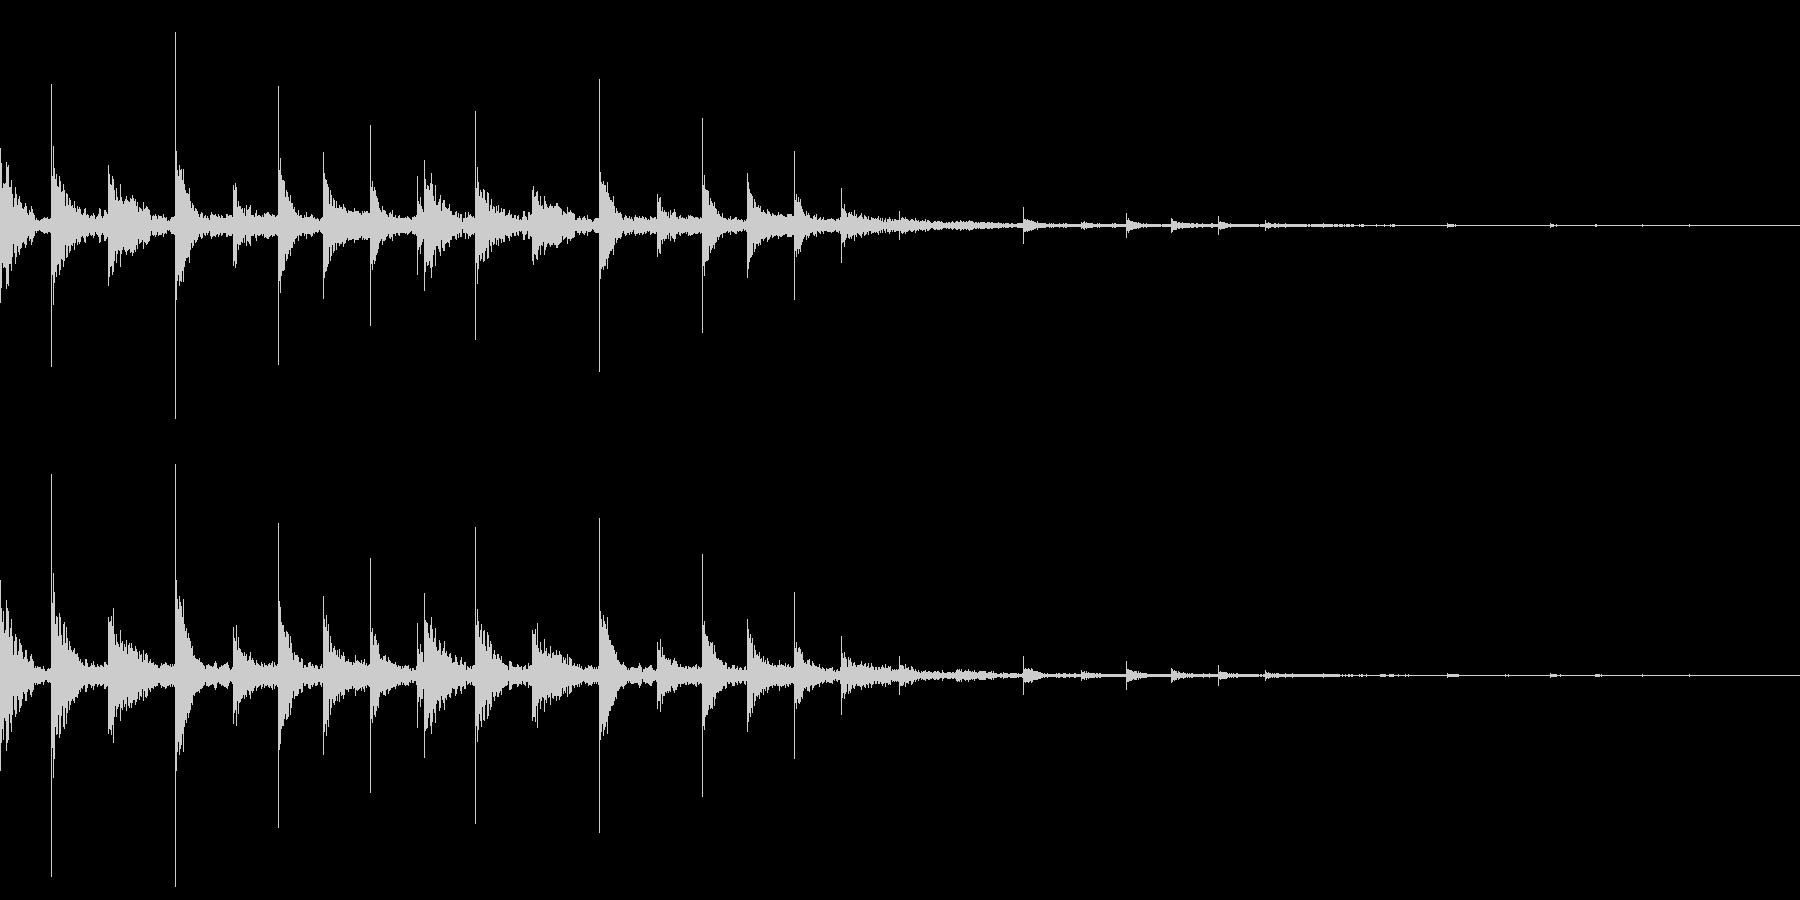 ディレイがかかったフレクサトーンの未再生の波形